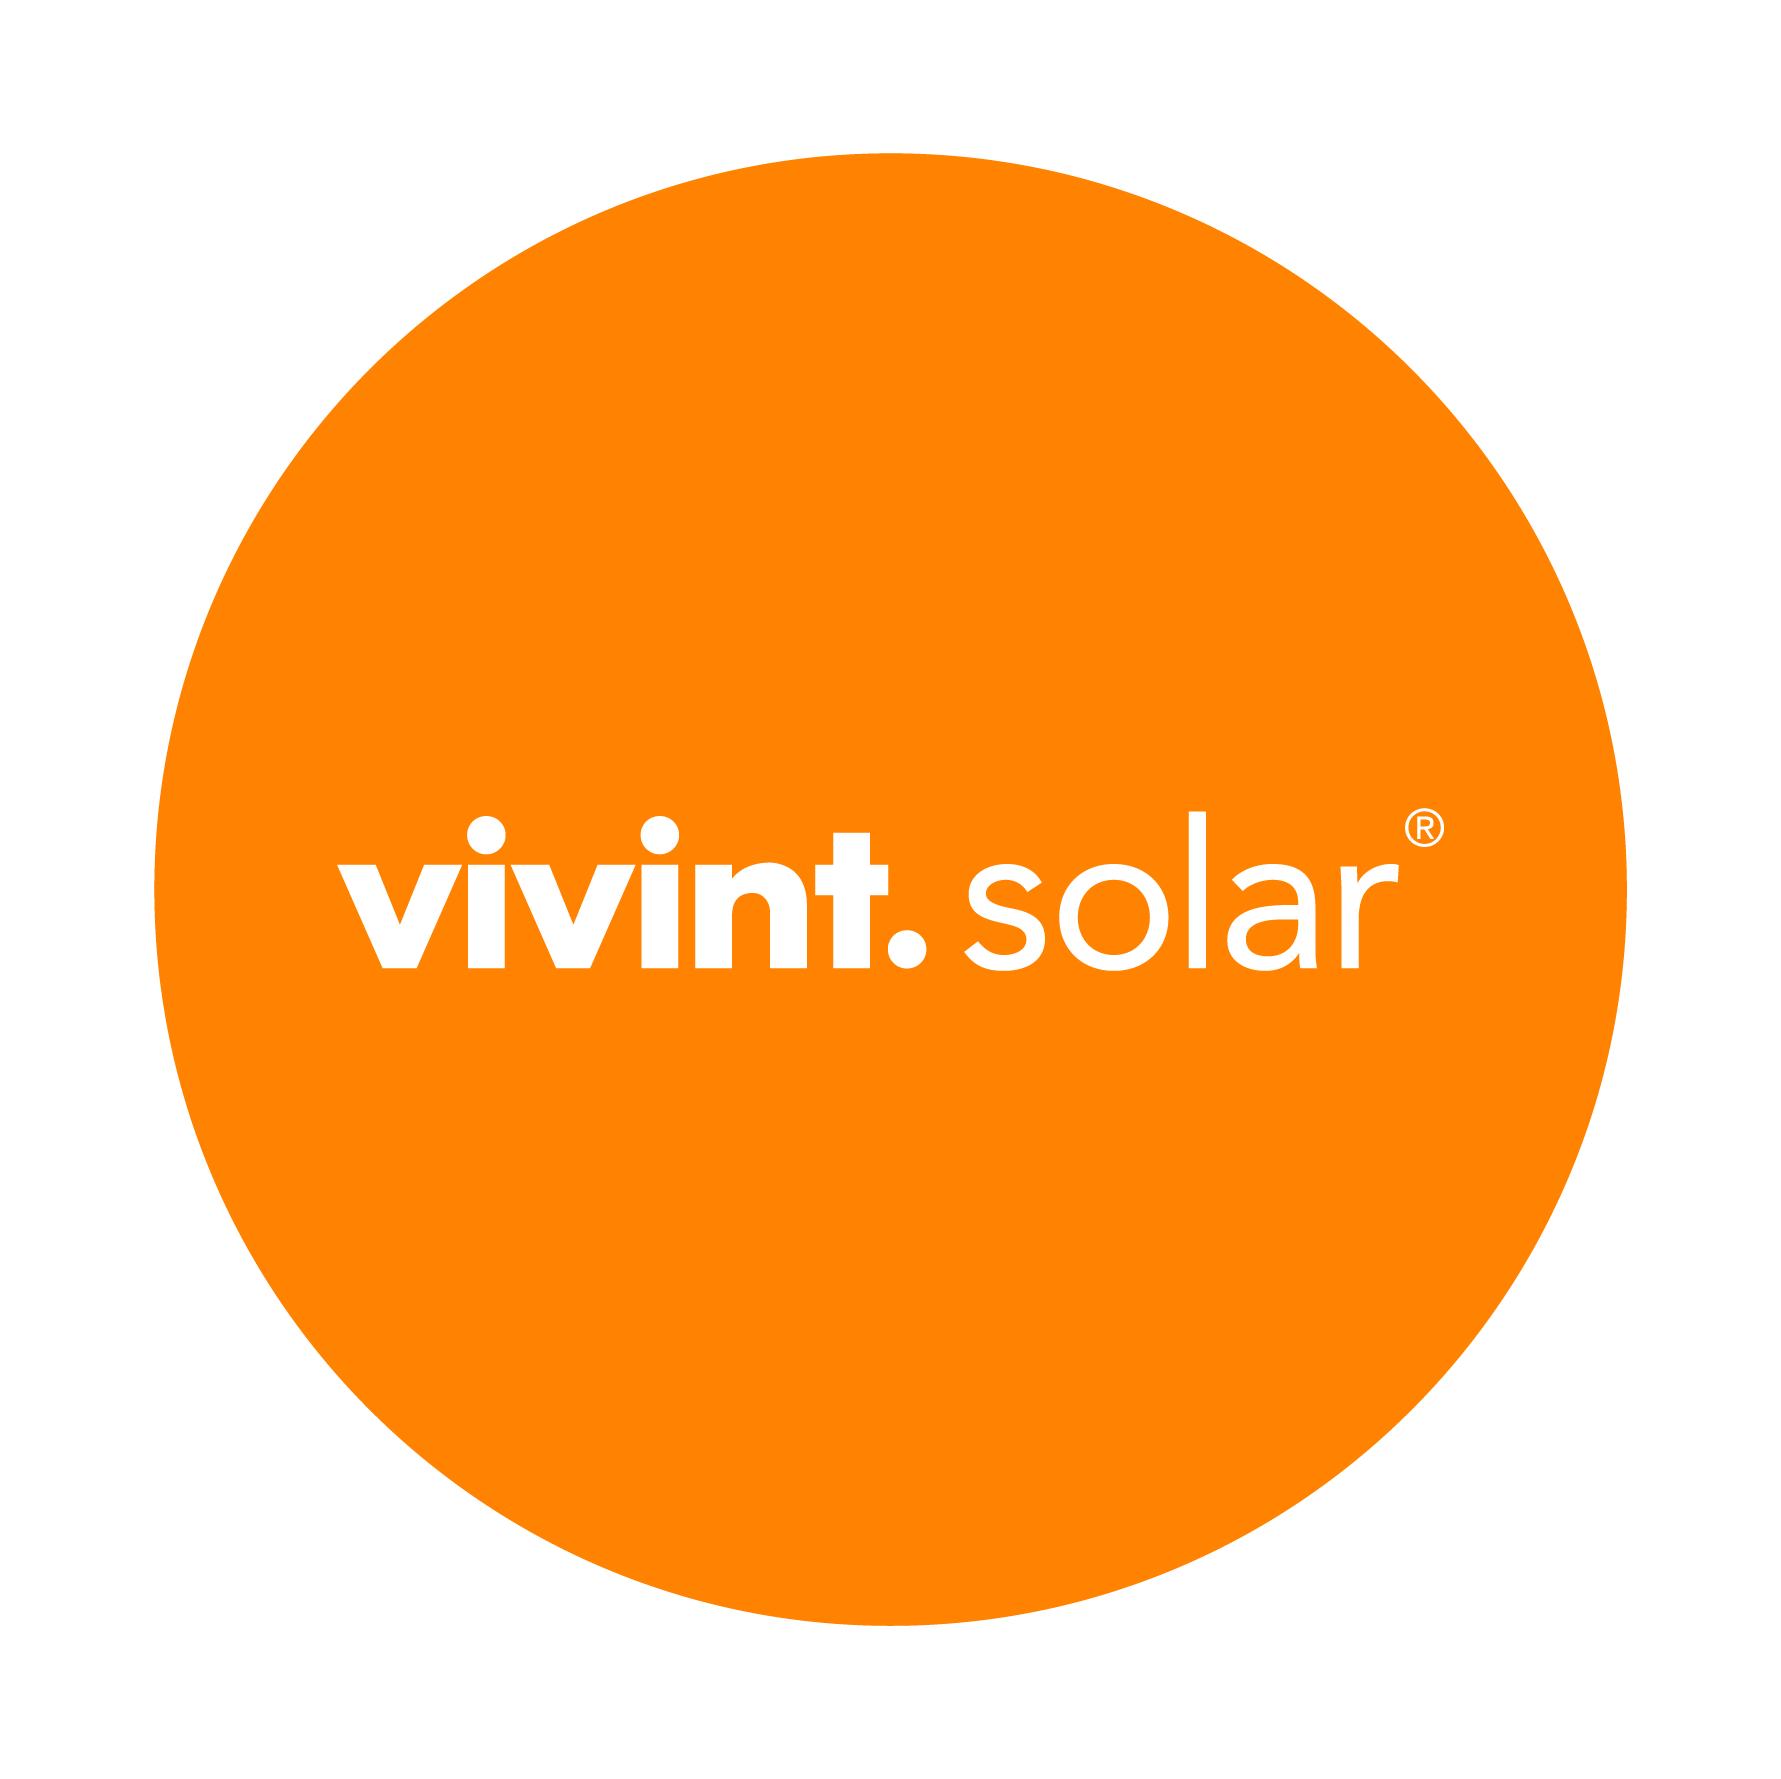 Vivint solar reviews california - Comments